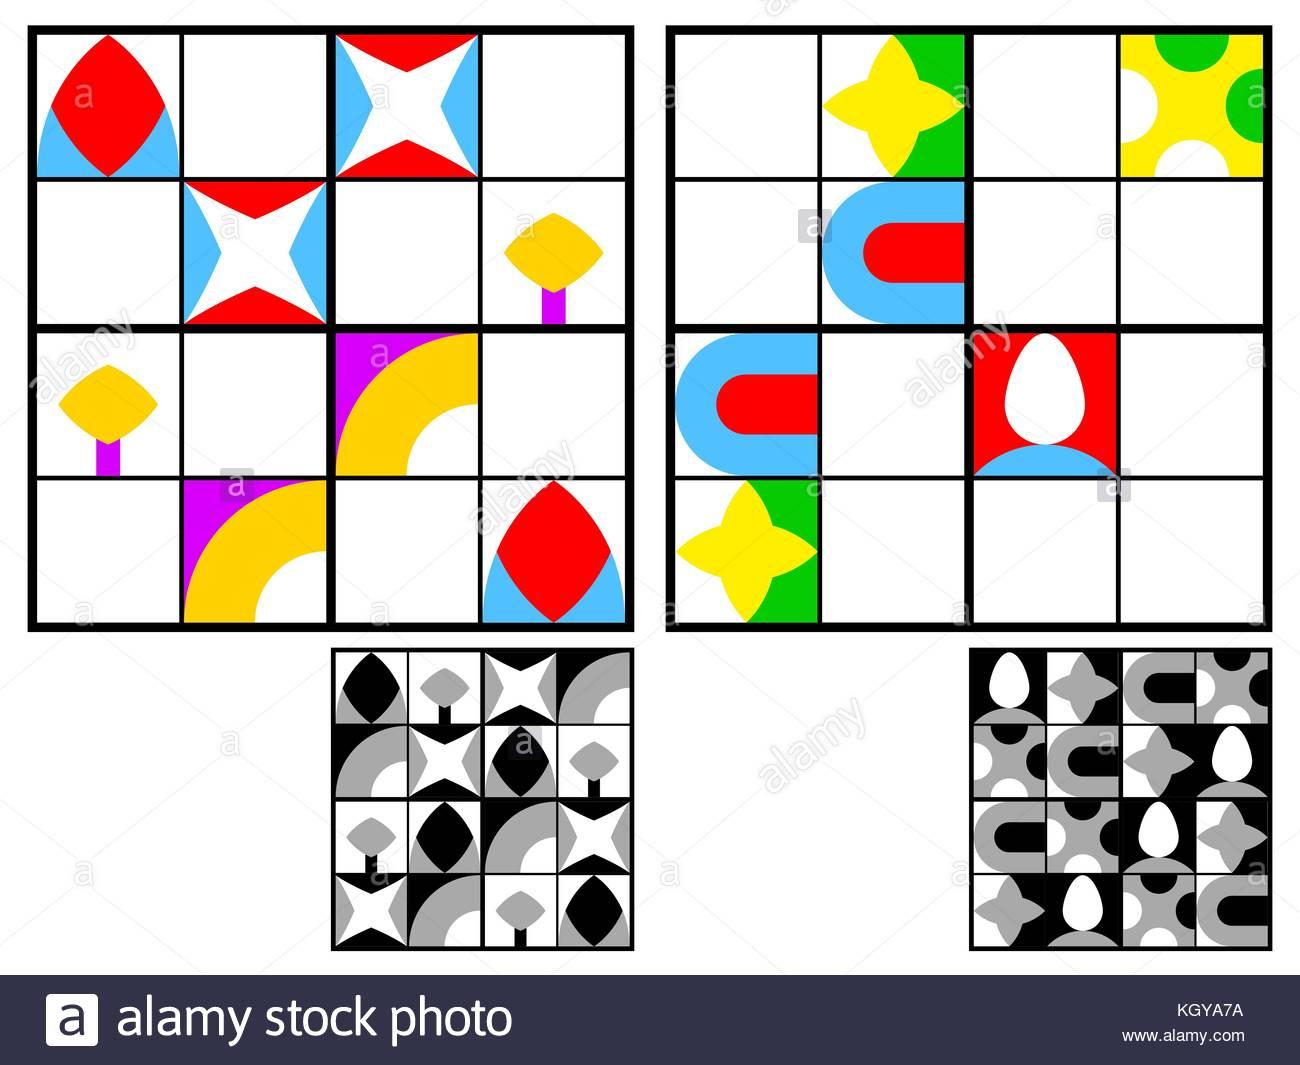 Jeu De Sudoku Pour Les Enfants Avec Des Images Géométriques encequiconcerne Jeu Le Sudoku